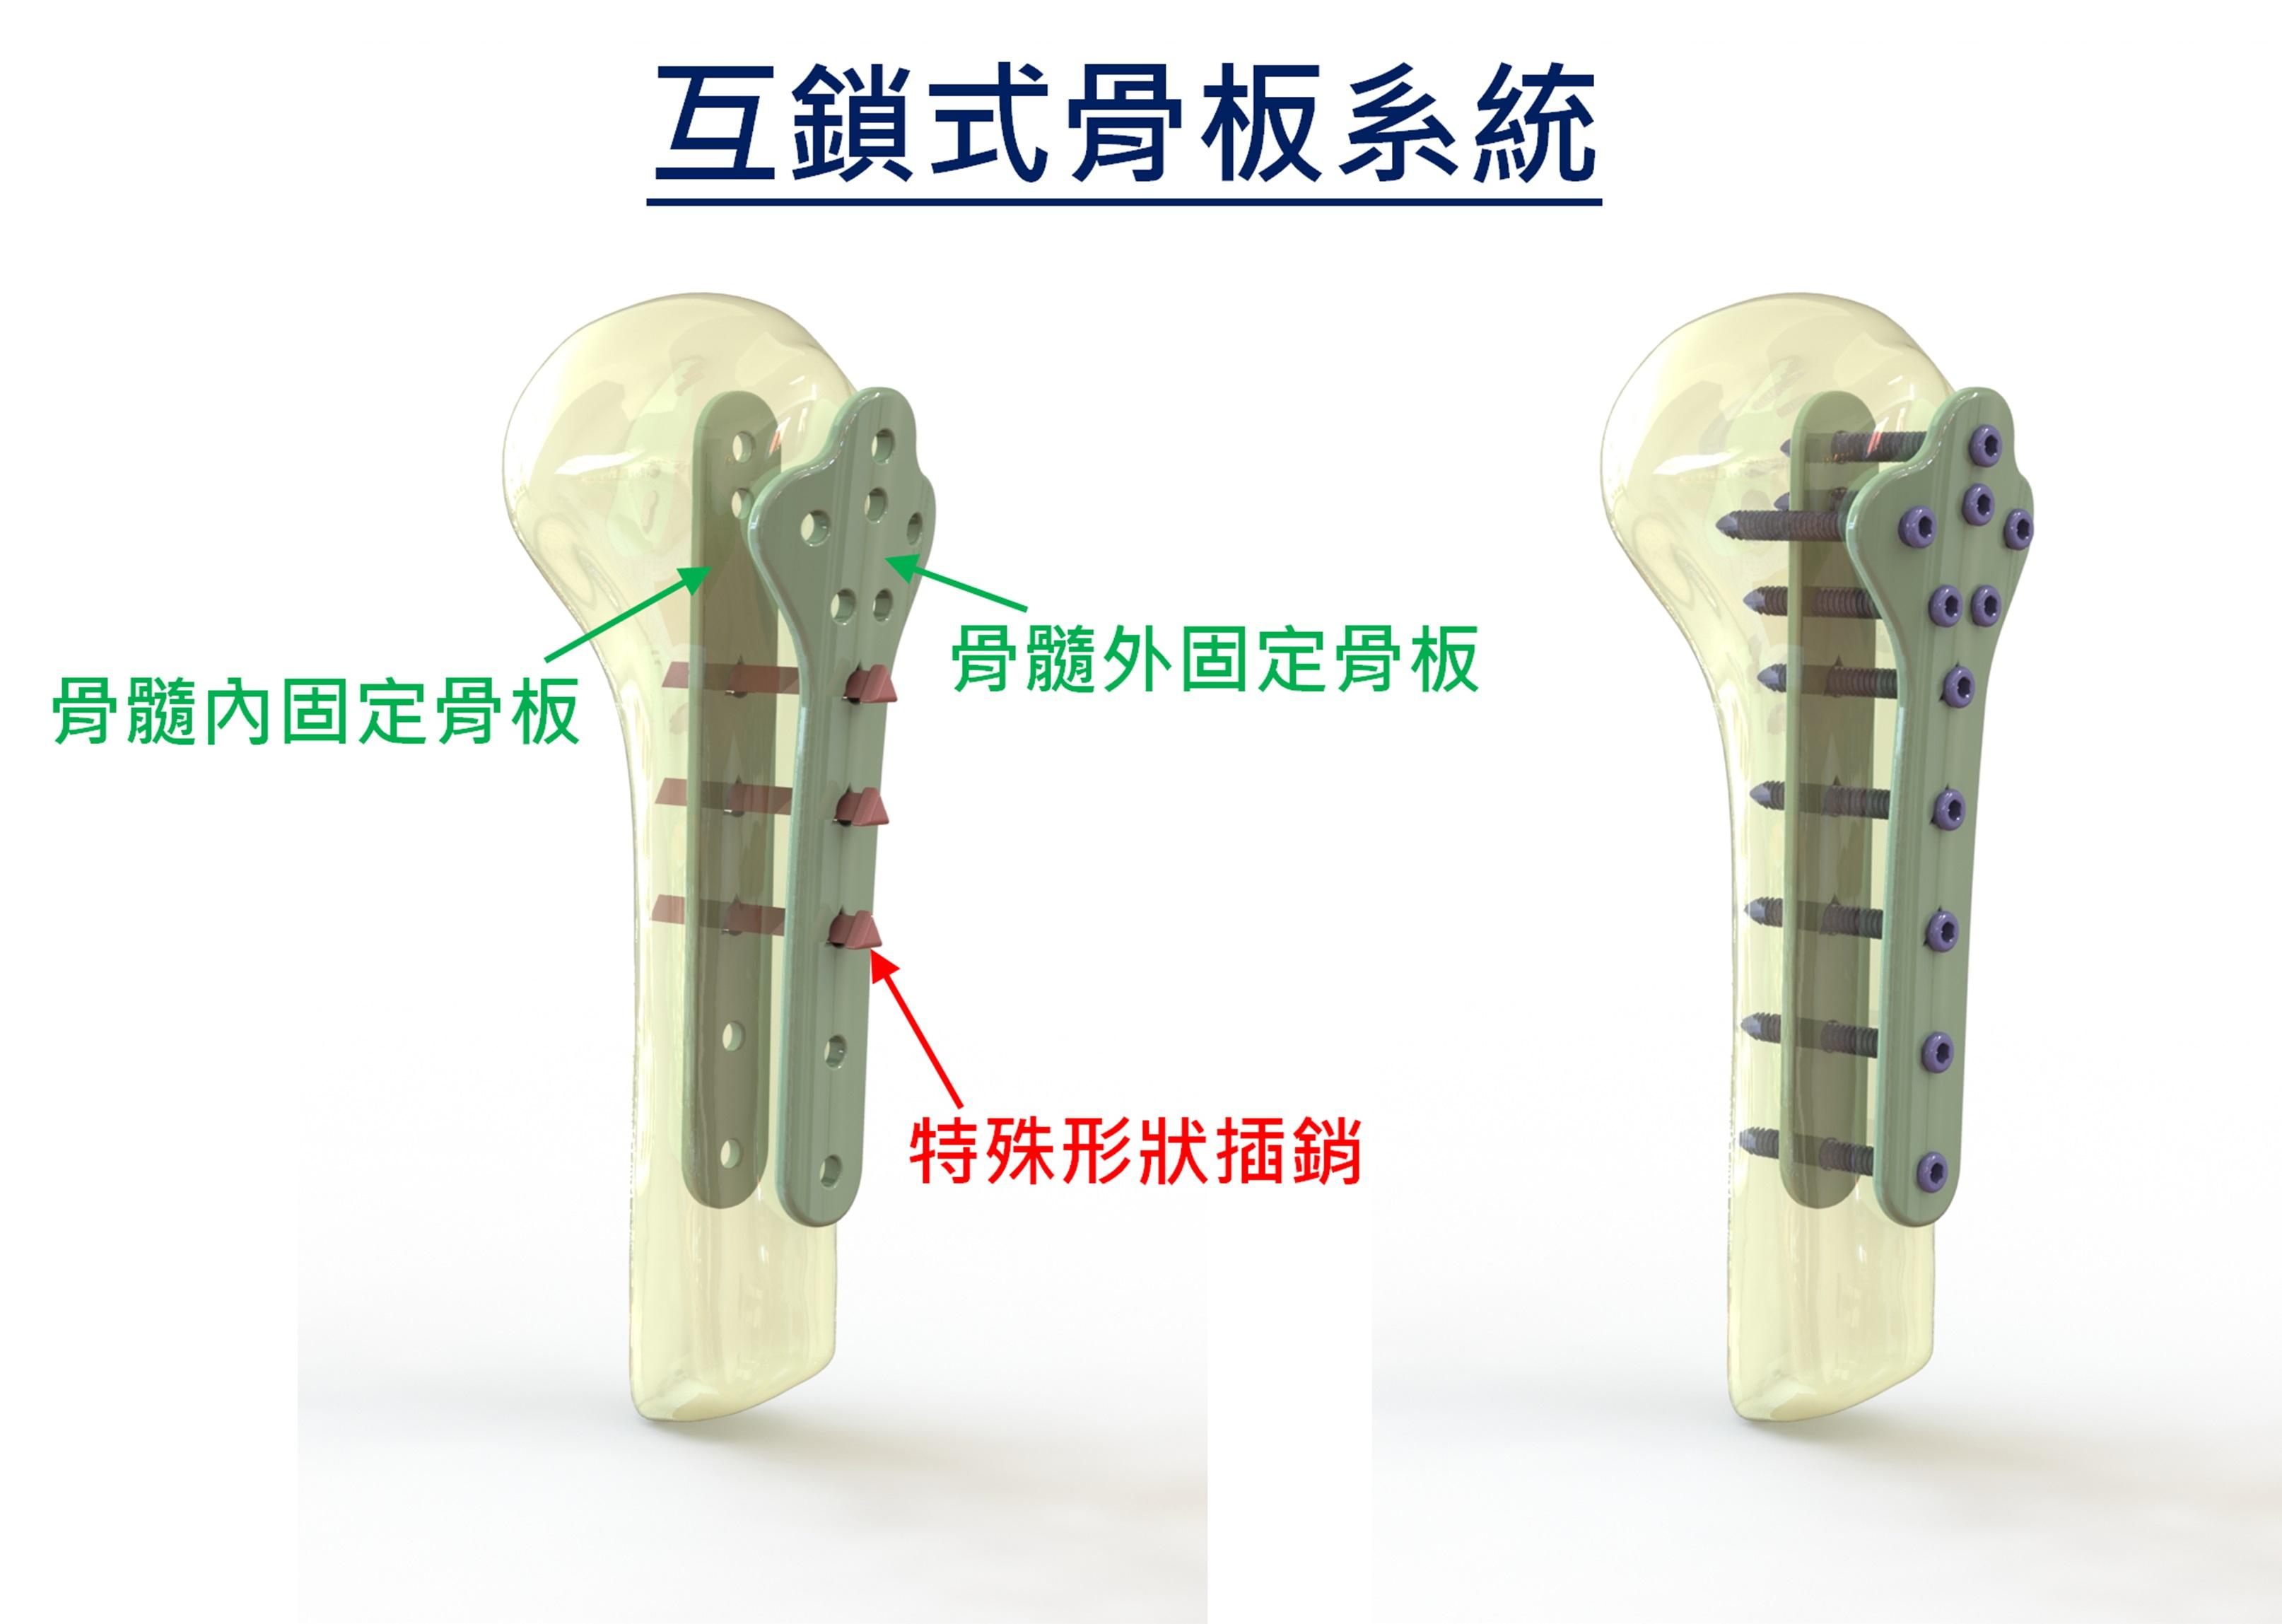 (3)互鎖式骨板植入方式